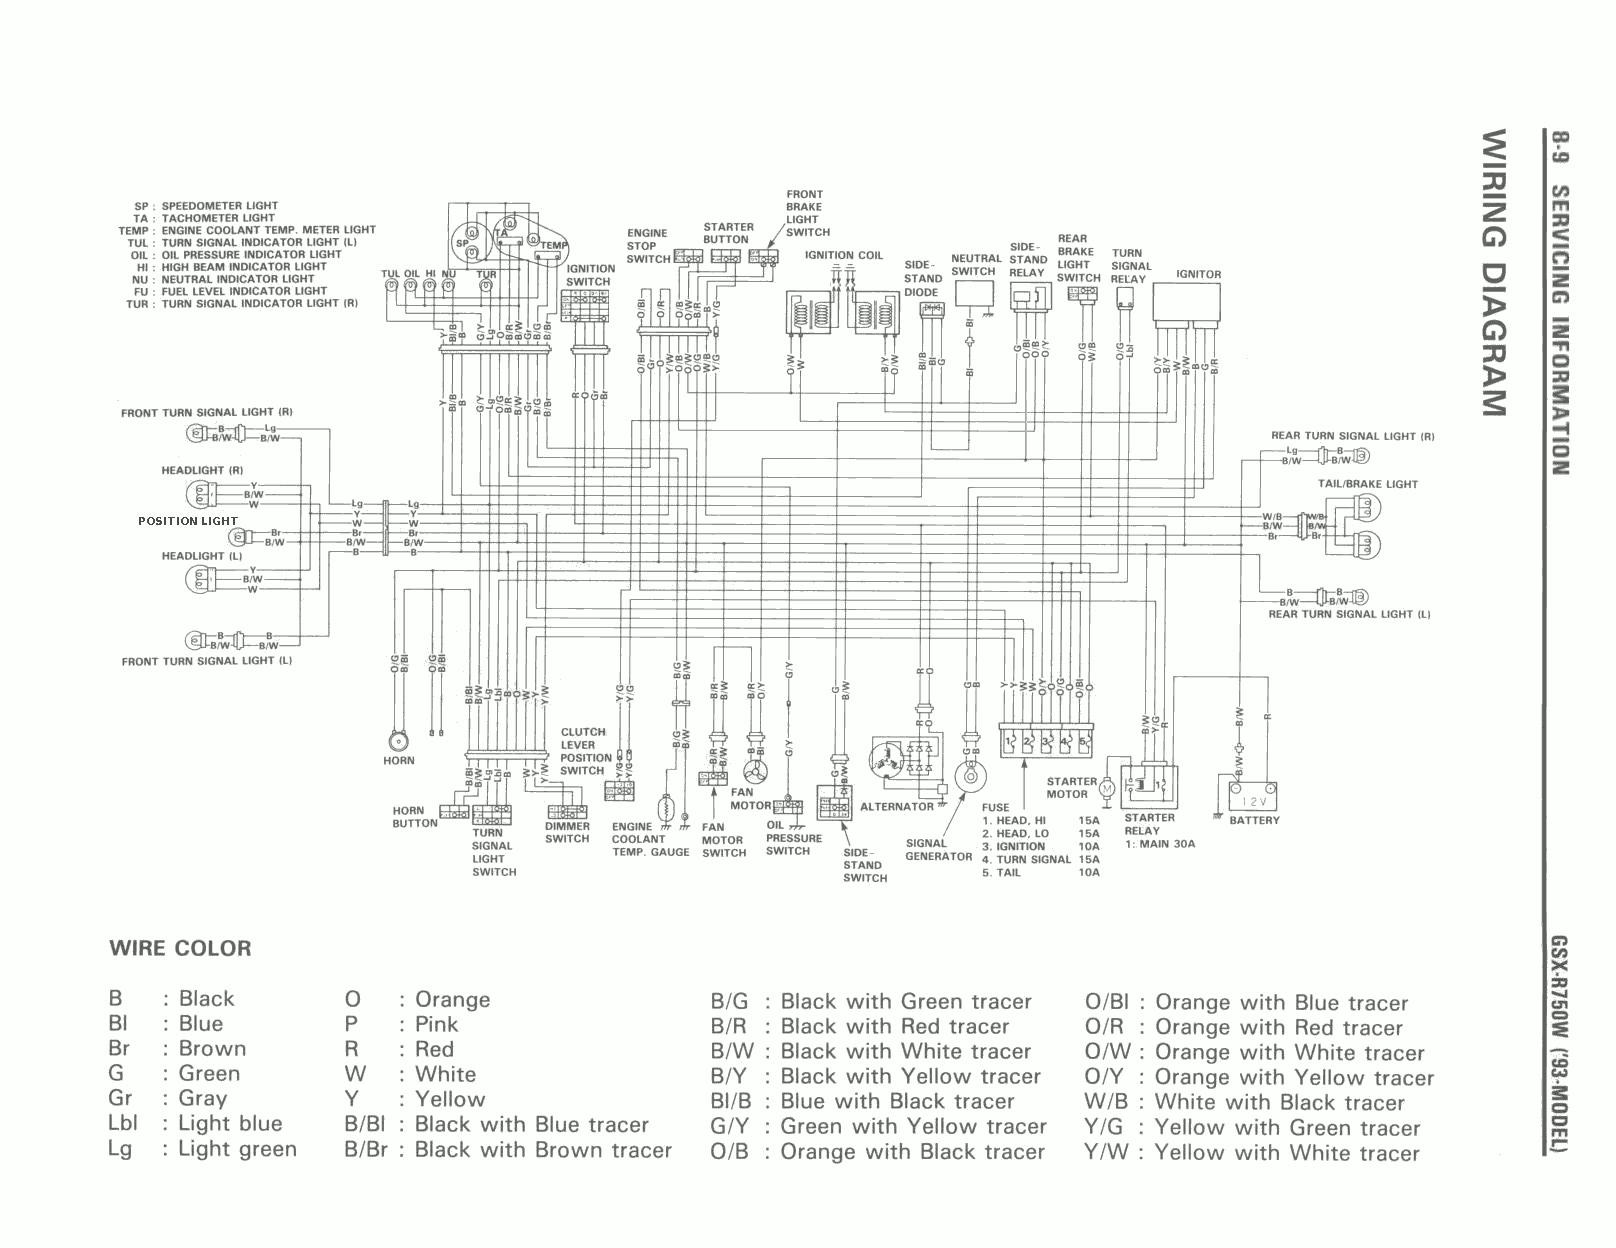 Suzuki Bandit 400 Wiring Diagram Rf 900 600 Ignition Essigsuzuki Ducati Monster 1997